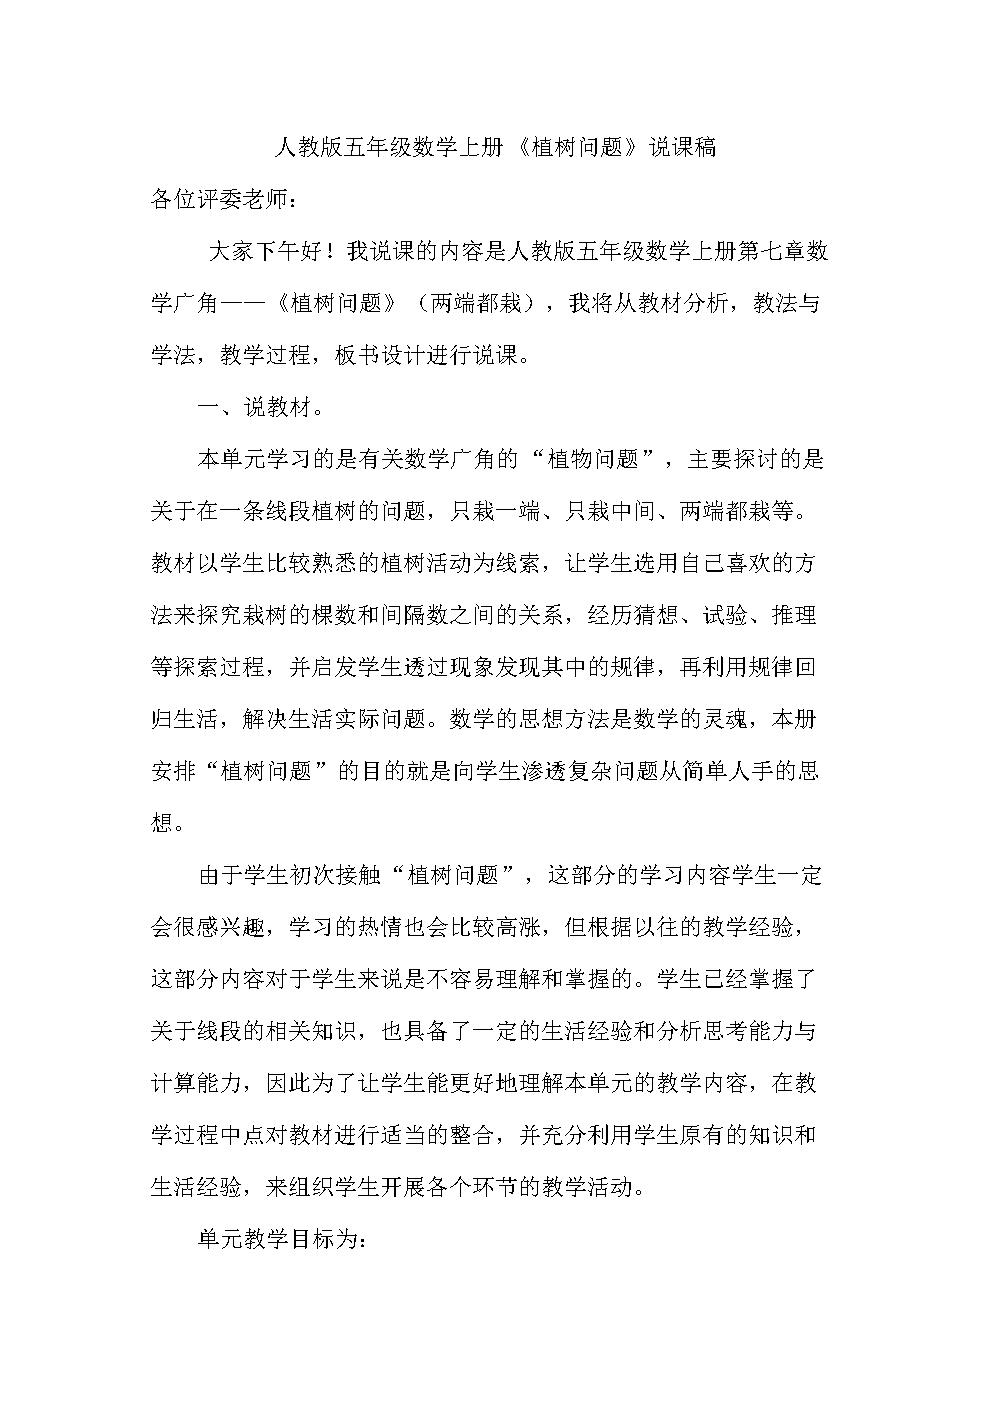 人民教育出版社五朋友广角数学第七章年级问题《植树数学》说课稿.doc上册找数字课后反思图片